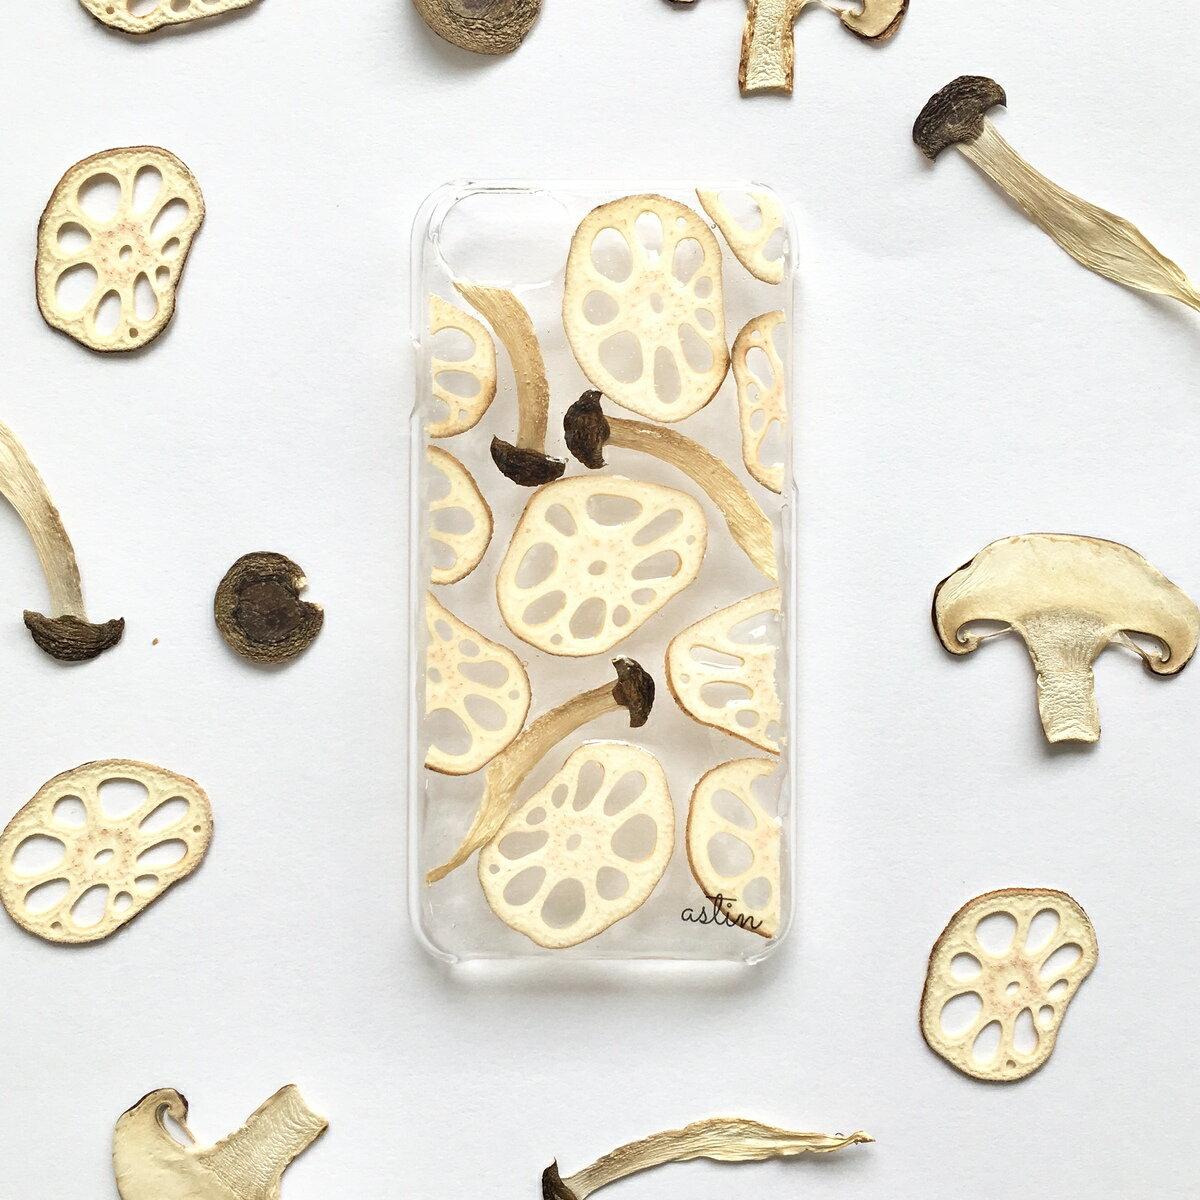 レンコンとしめじ 押し花 押し野菜 レンコン しめじ 野菜 全機種対応 iPhone XS ケース iPhone XR iPhone XS max ケース iphone x ケース iphone8 iphone7ケース スマホ iphone8Plus